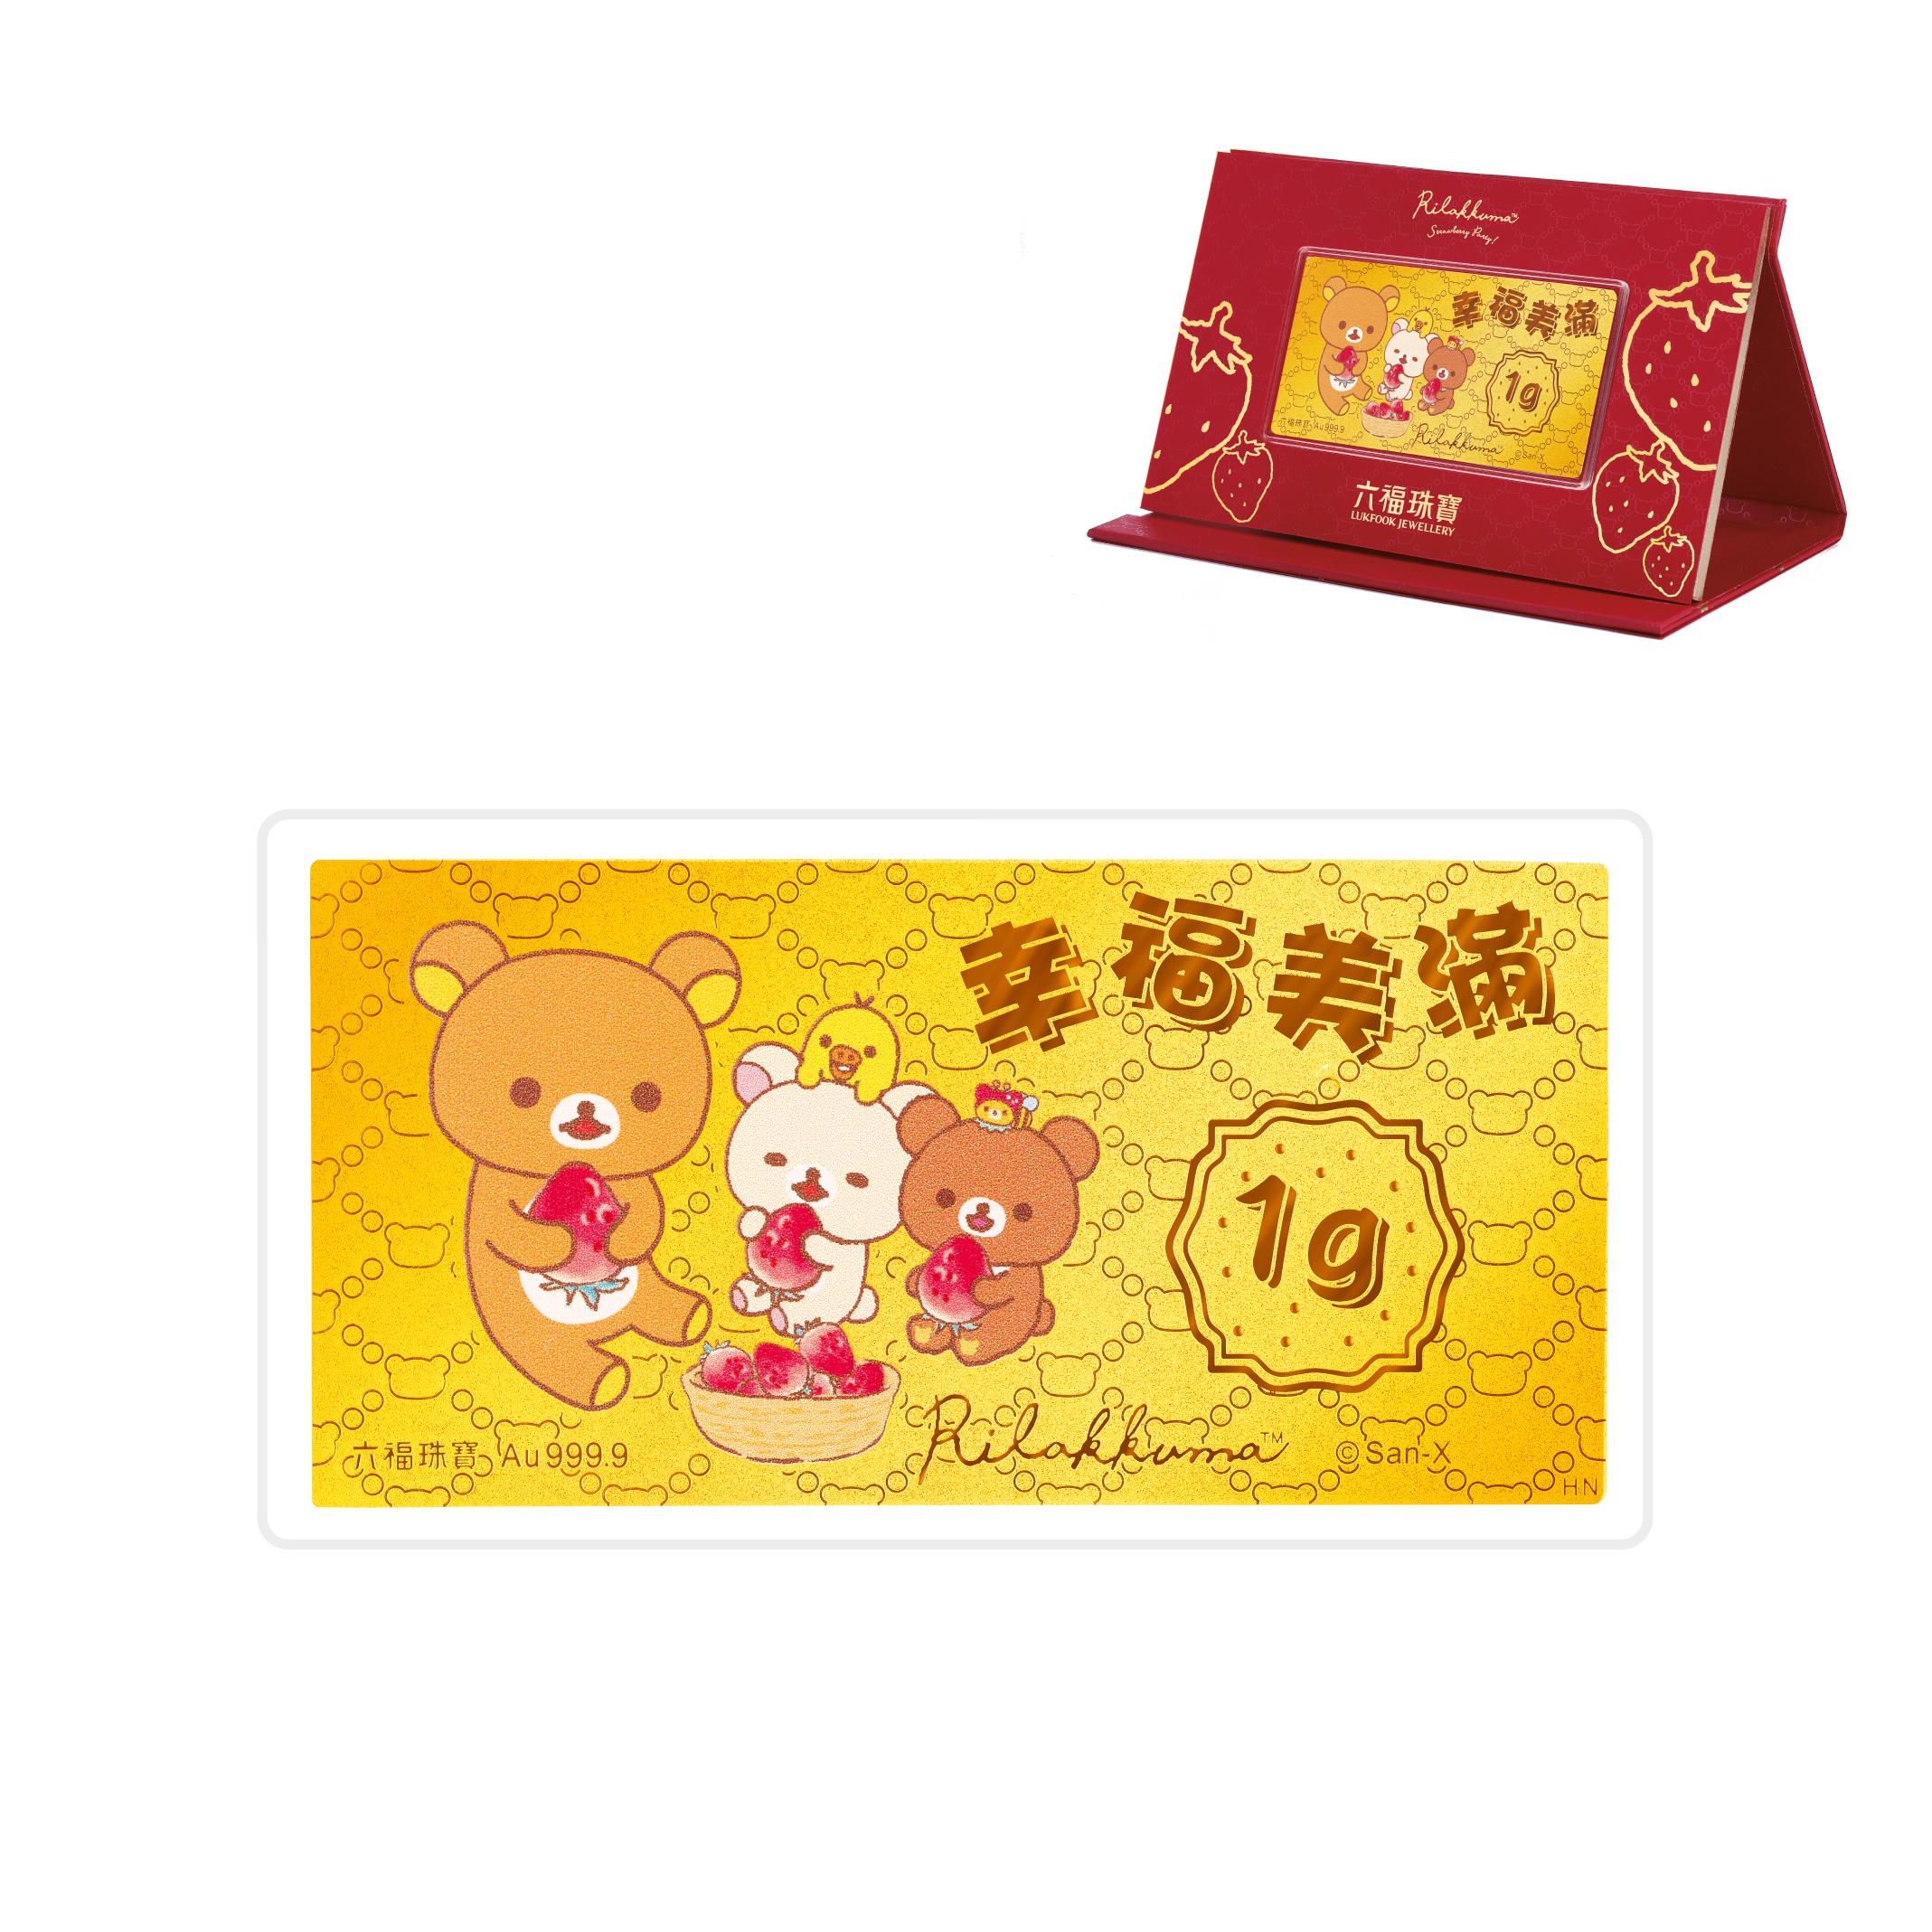 六福珠宝2020 Rilakkuma「轻松小熊」系列